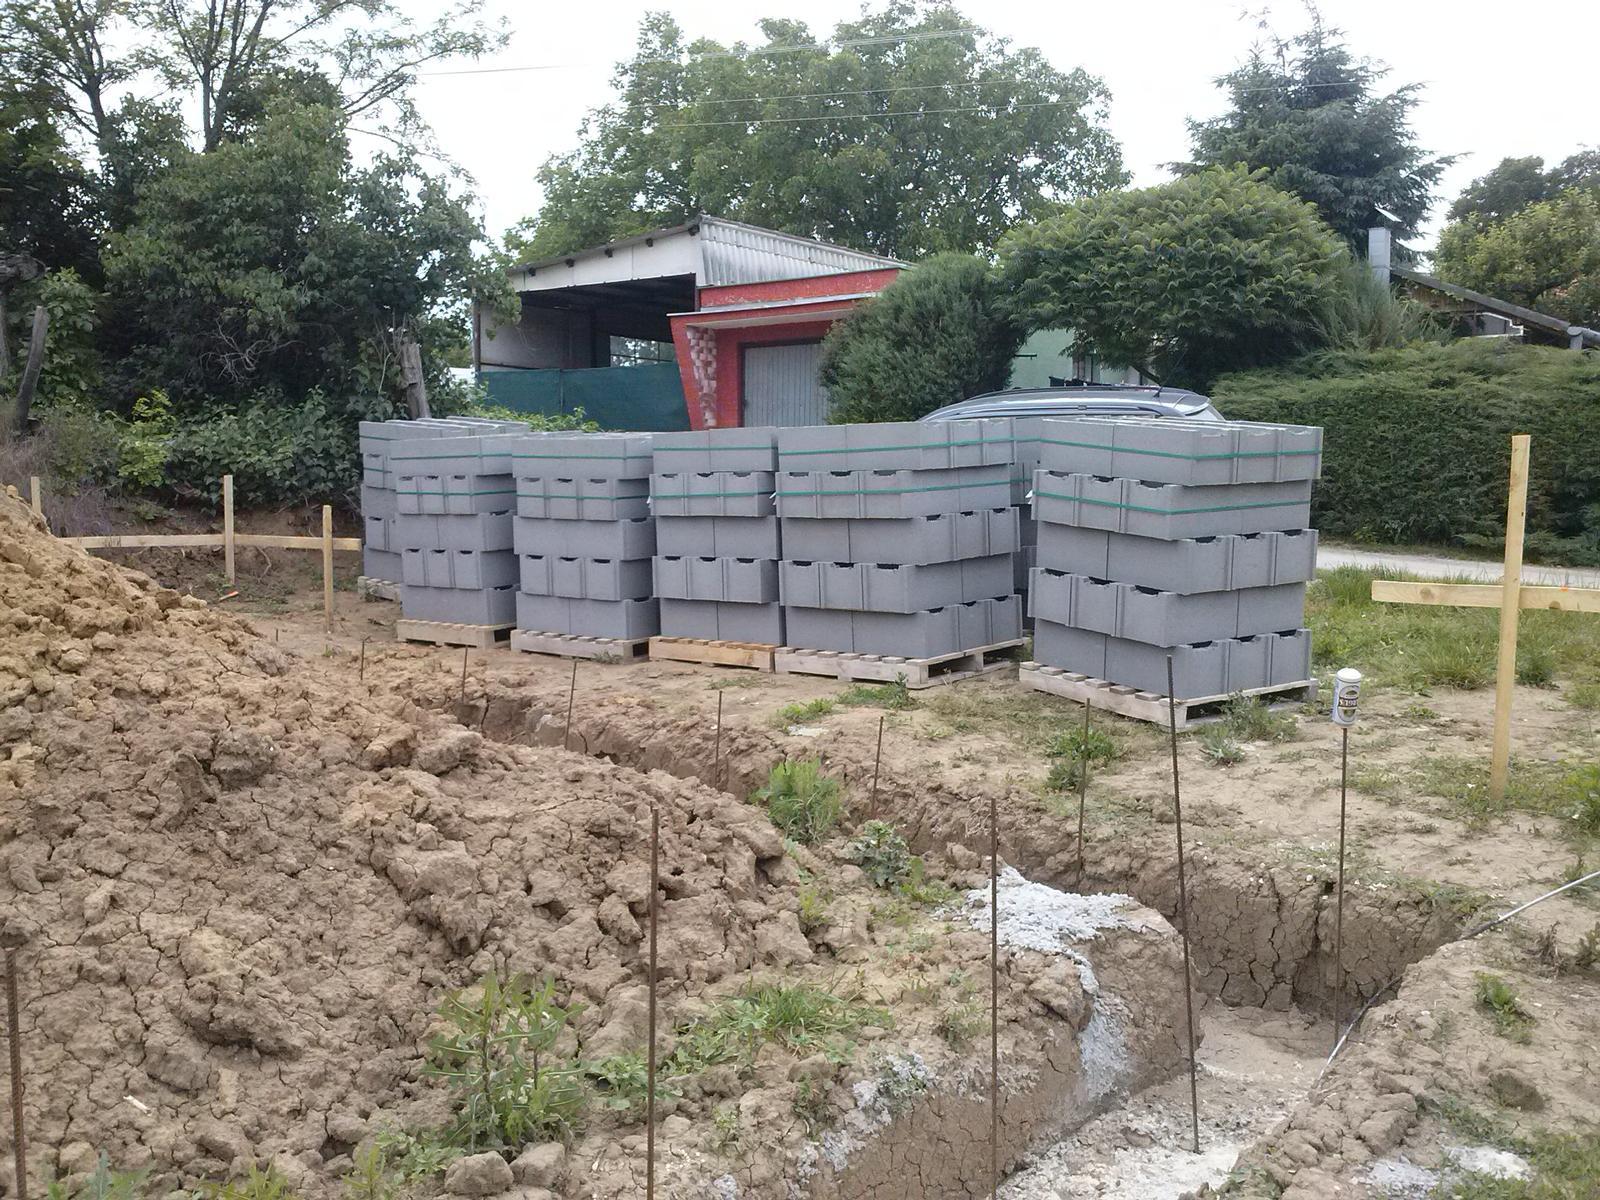 Vitajte u mňa :) - už máme aj DTčká, môžu sa začať stavať základy.